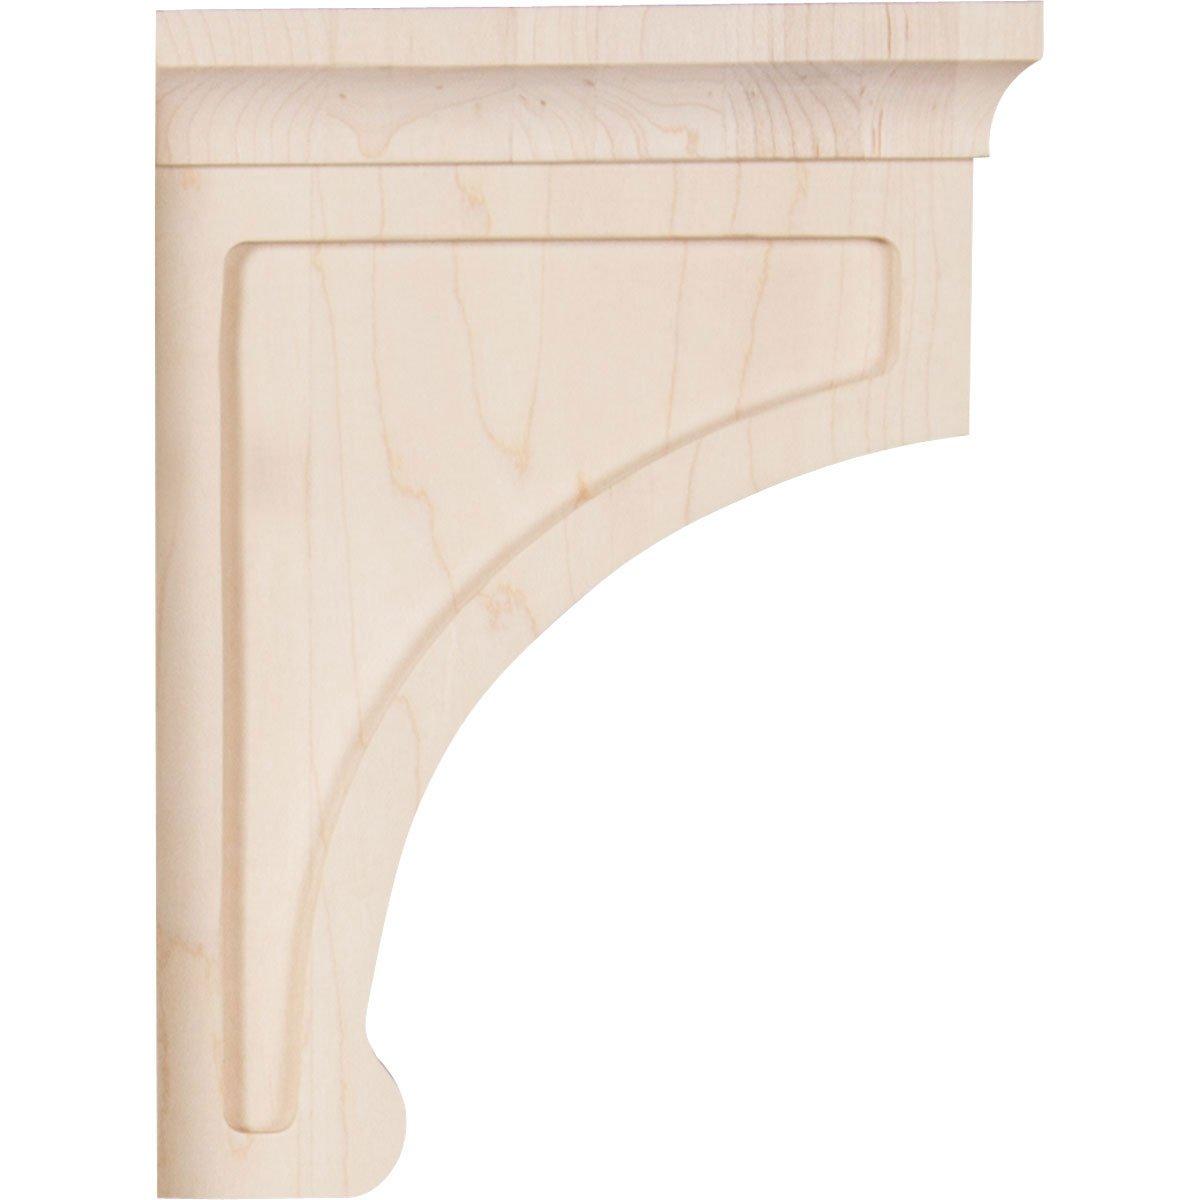 Ekena Millwork BKTW02X04X06GORO Wood Bracket 2.5W x 4D x 6H Red Oak